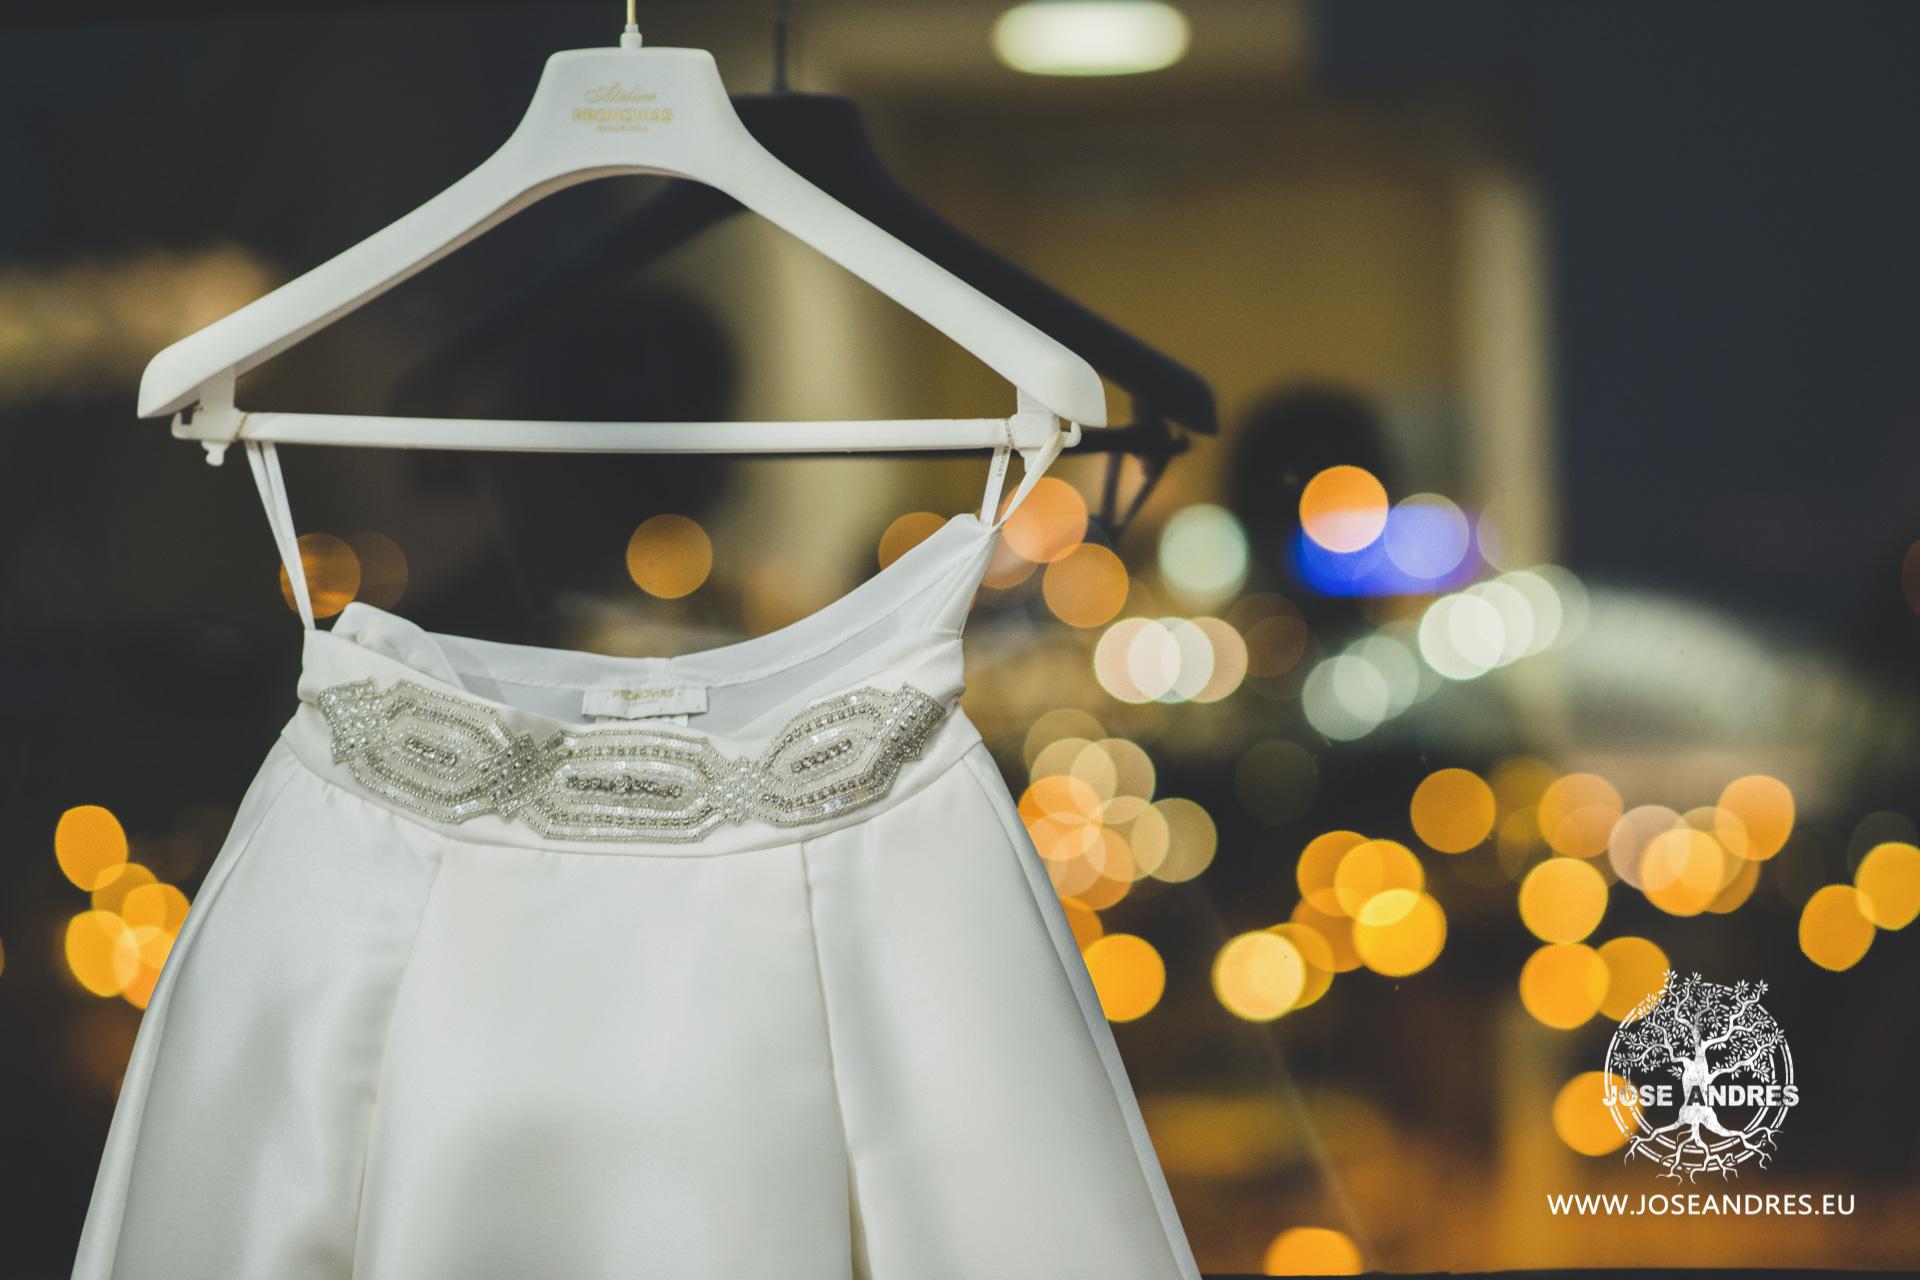 Vestido de novia de Pronovias con ciudad de las ciencias, en hotel Barceló de Valencia